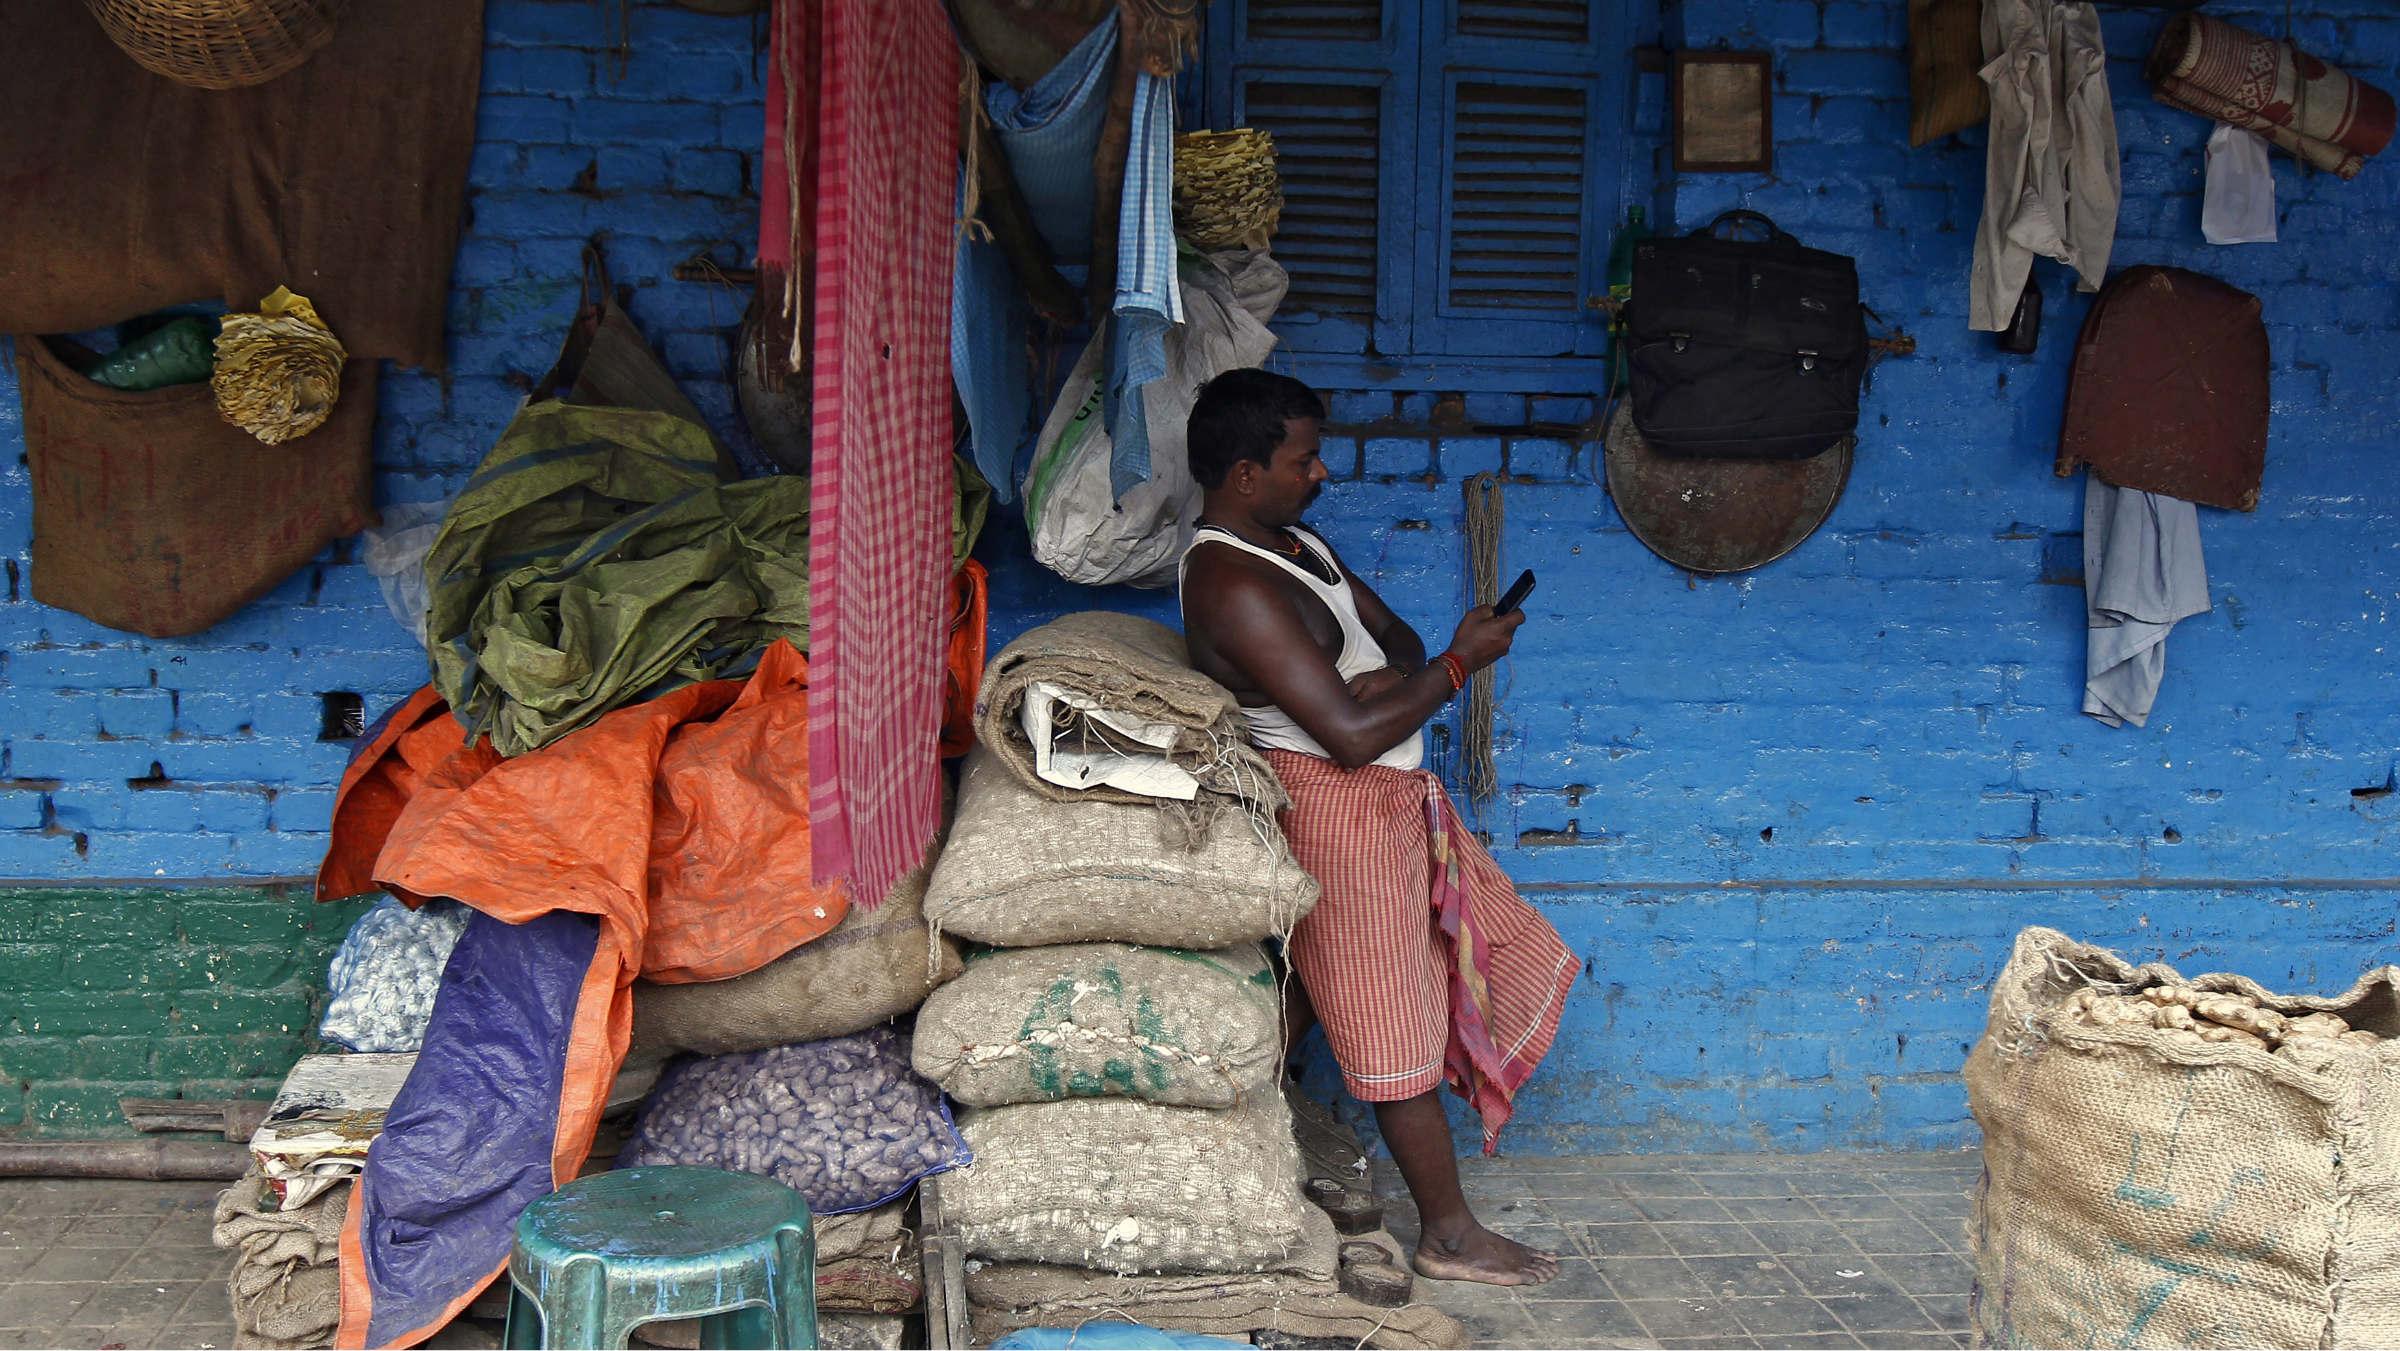 india-mobile-laborer